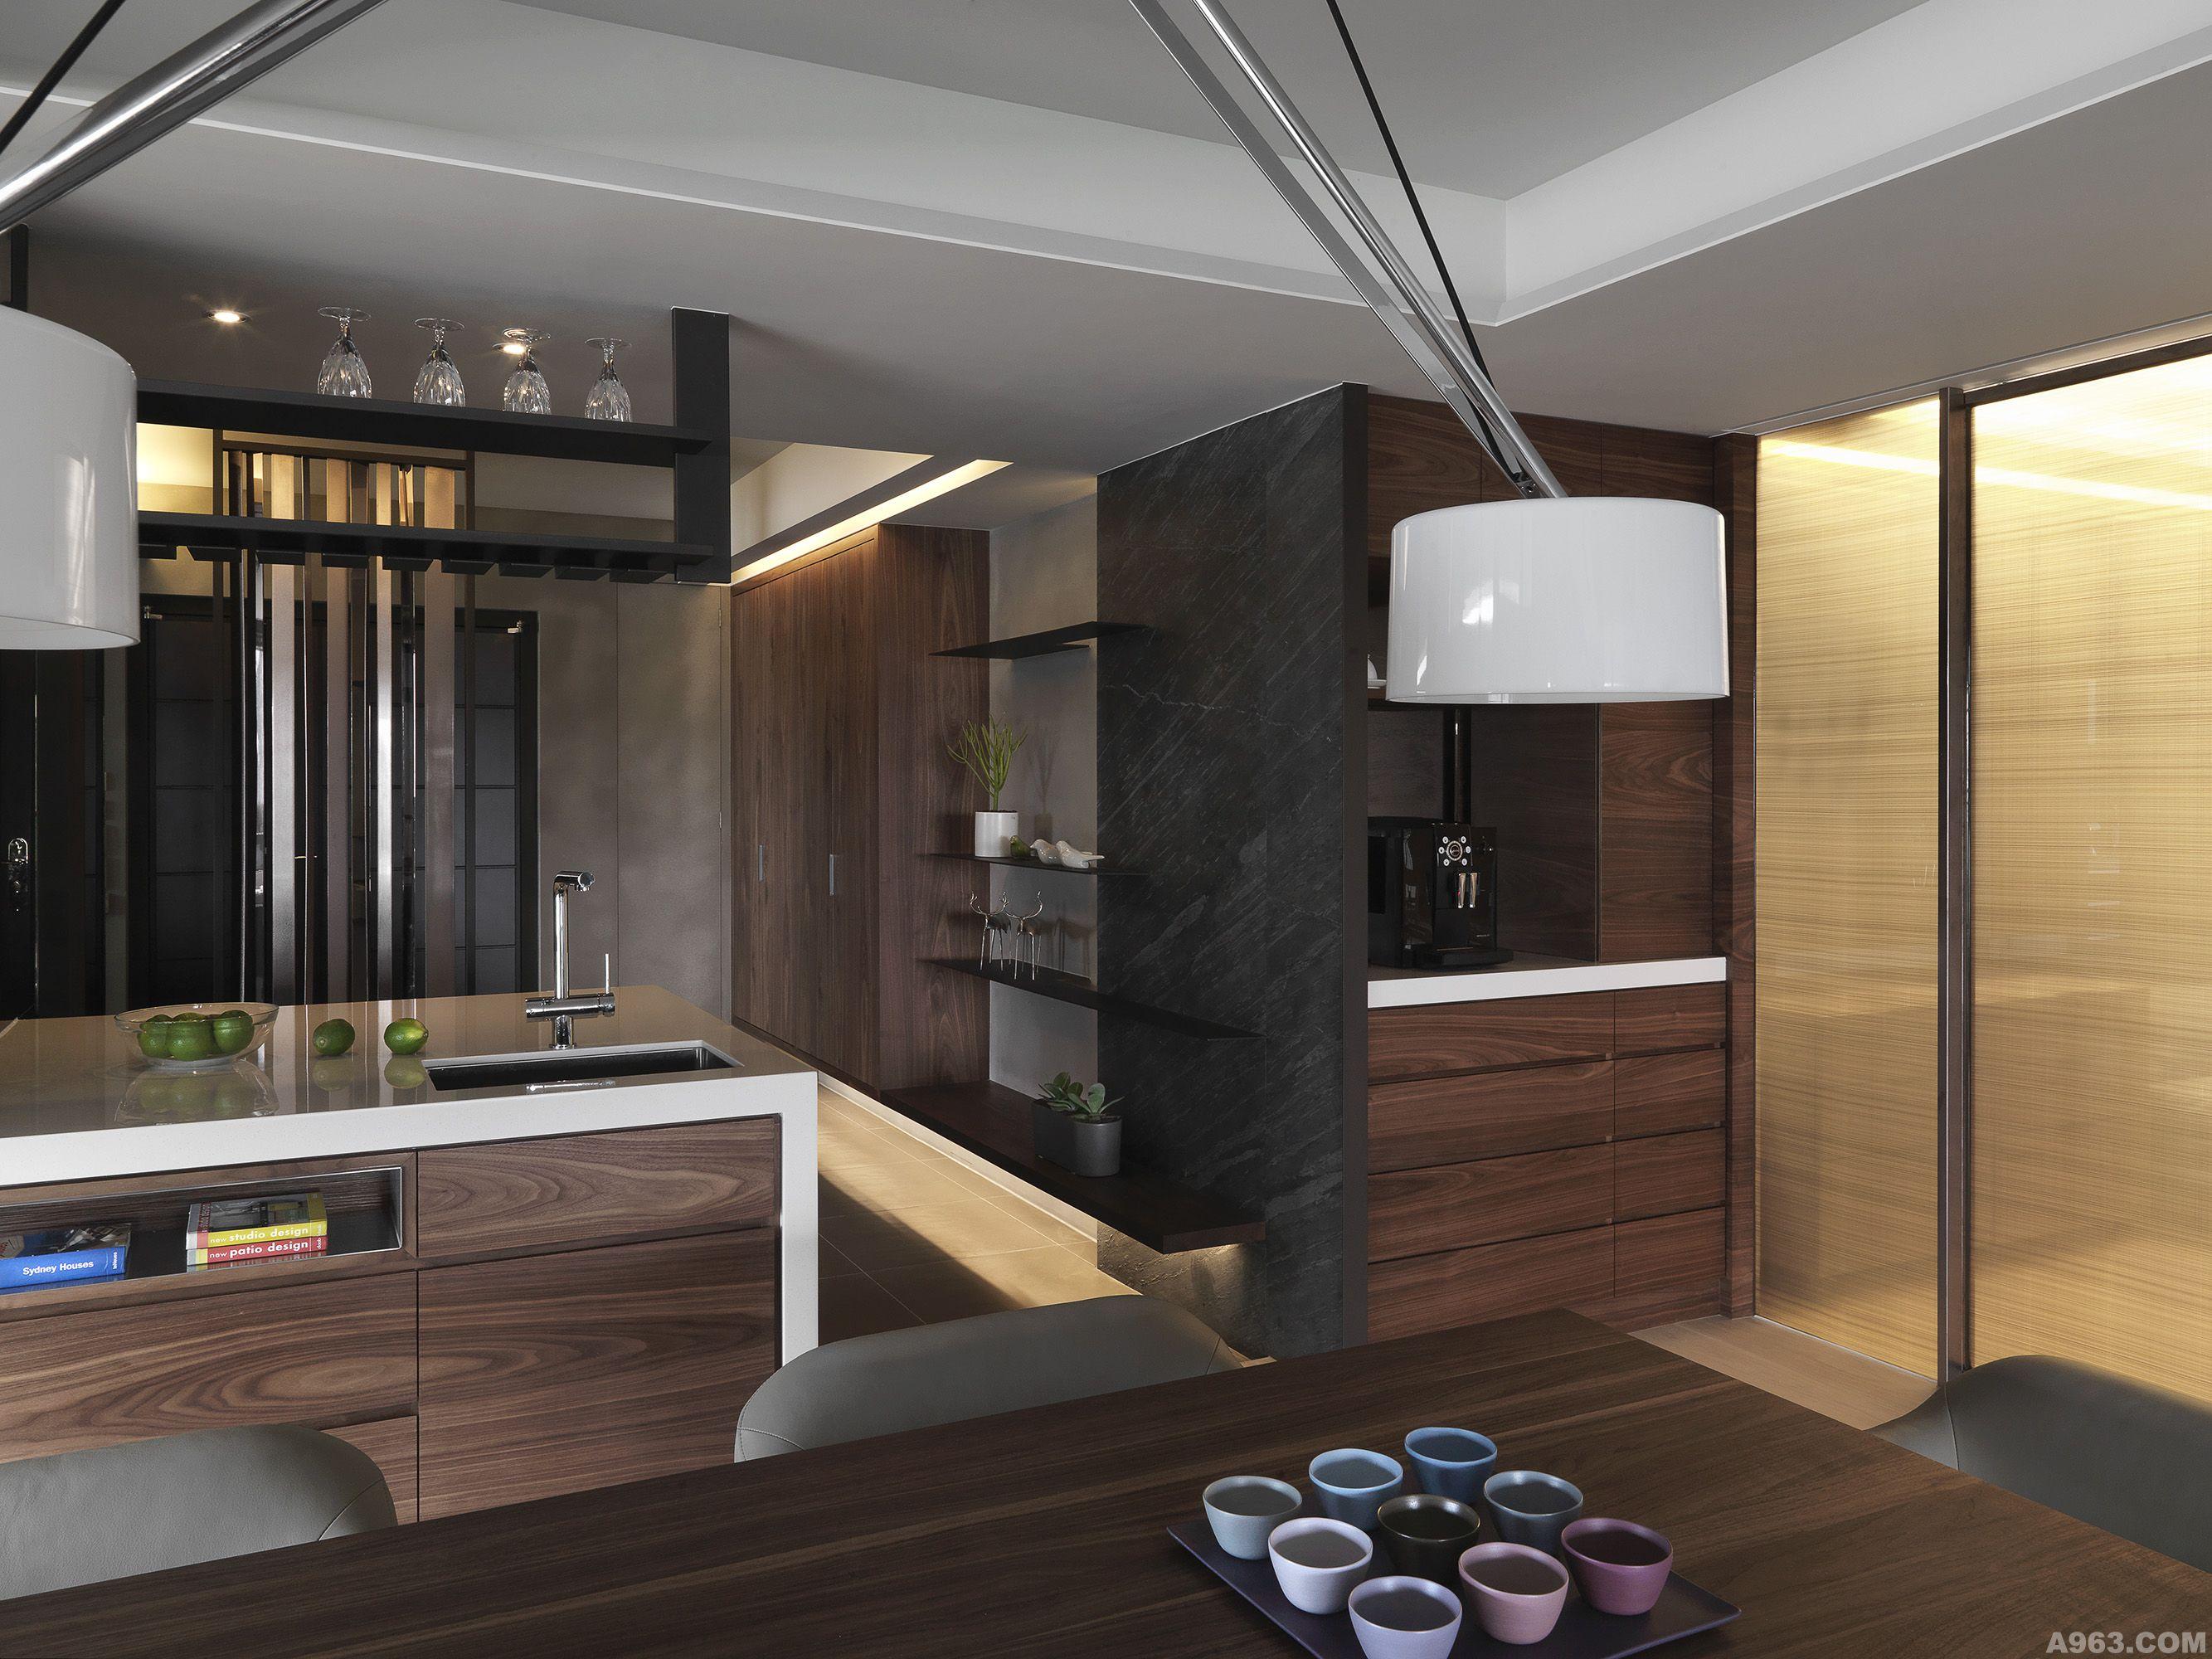 台北jj house - 台湾别墅豪宅设计作品 – 方案 –